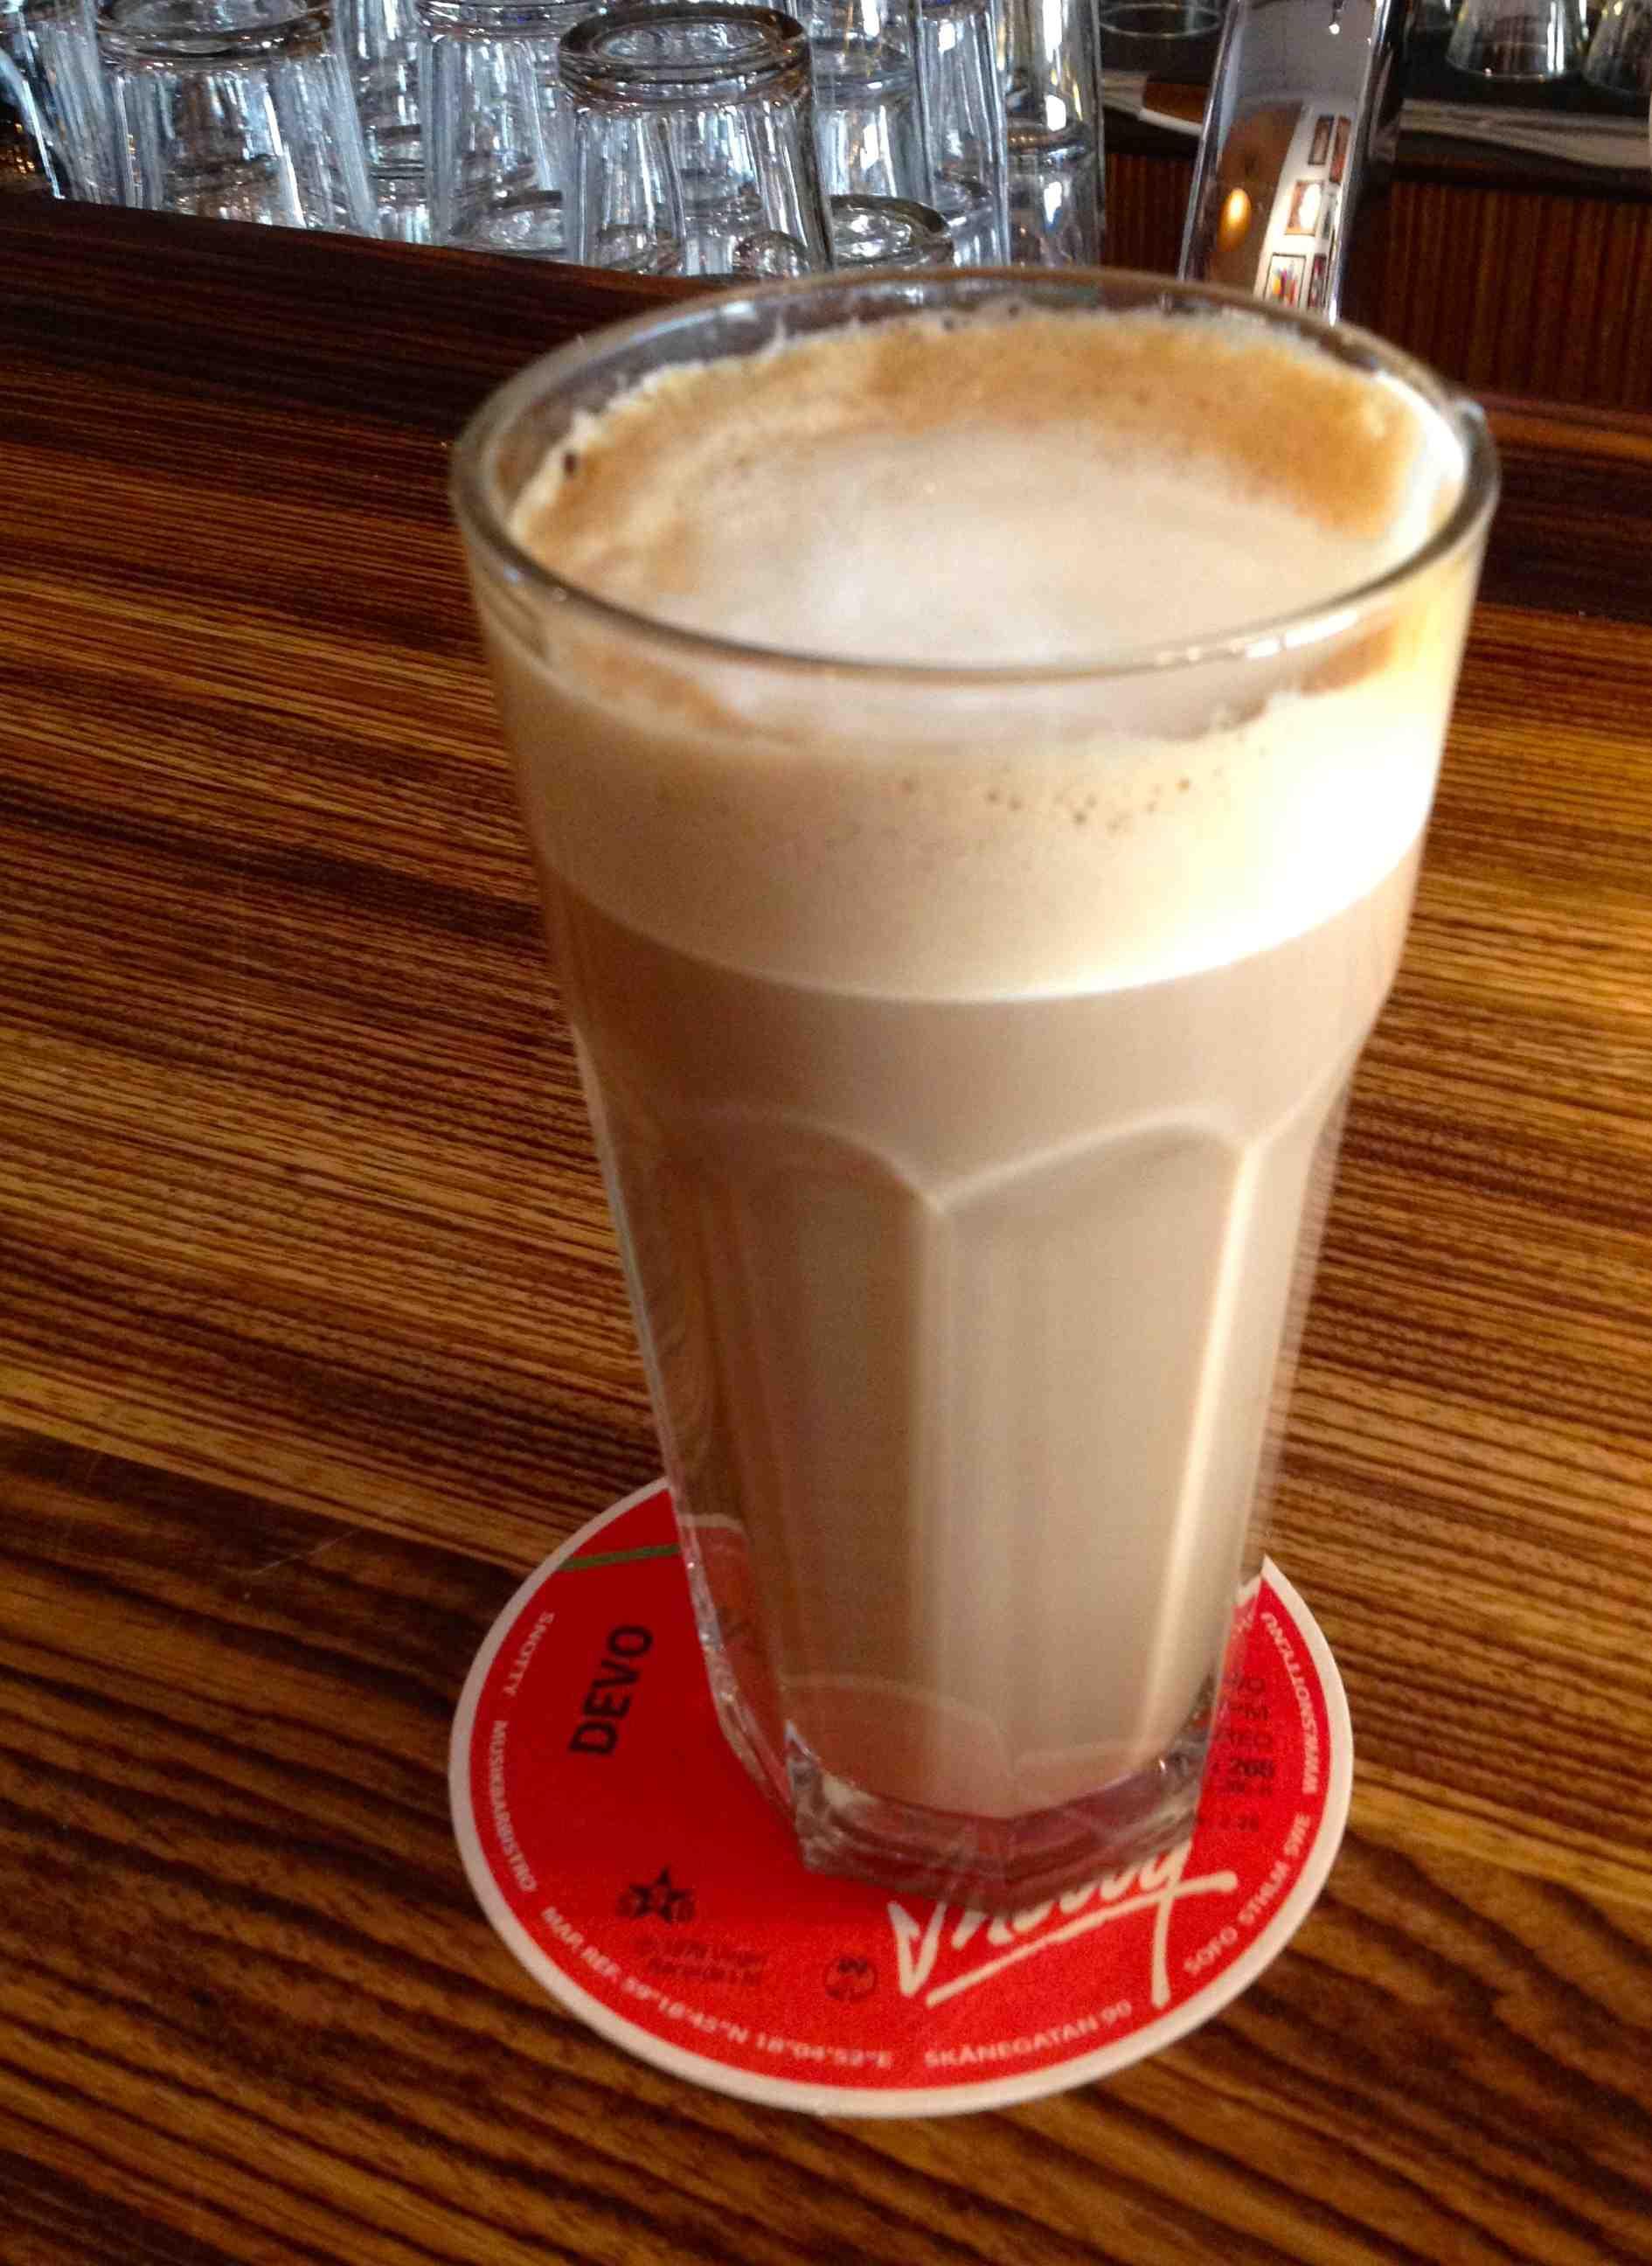 snotty-brunch-kaffe